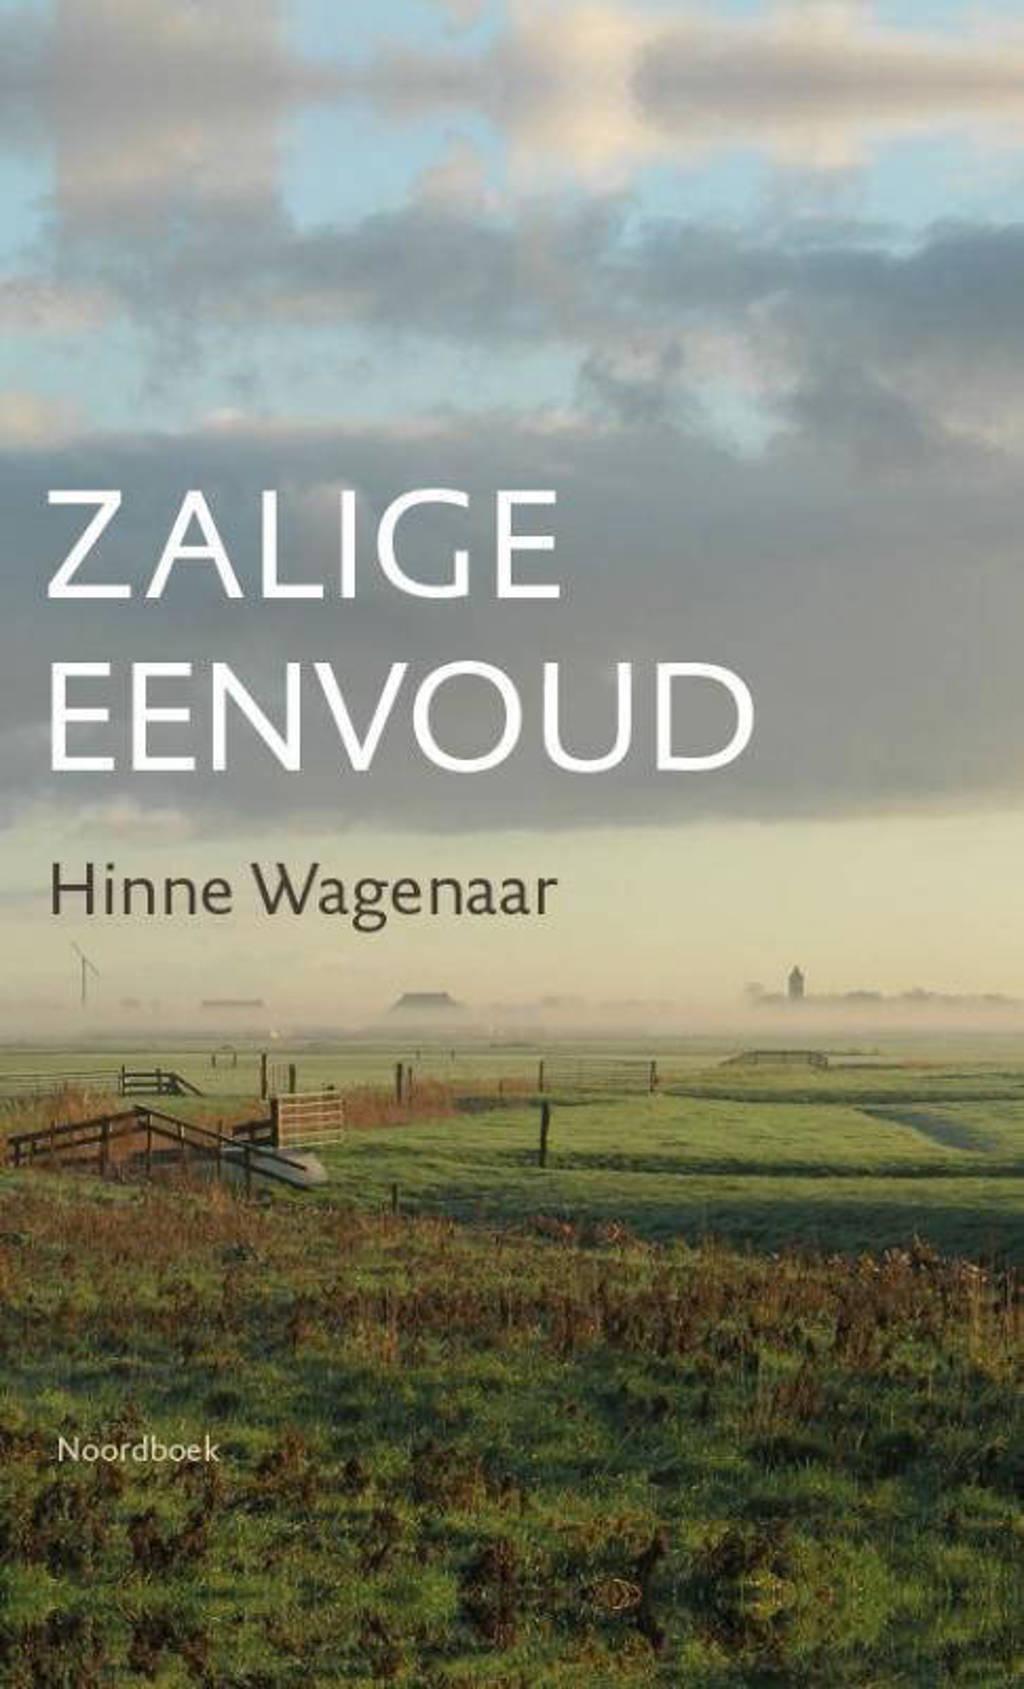 Zalige eenvoud - Hinne Wagenaar